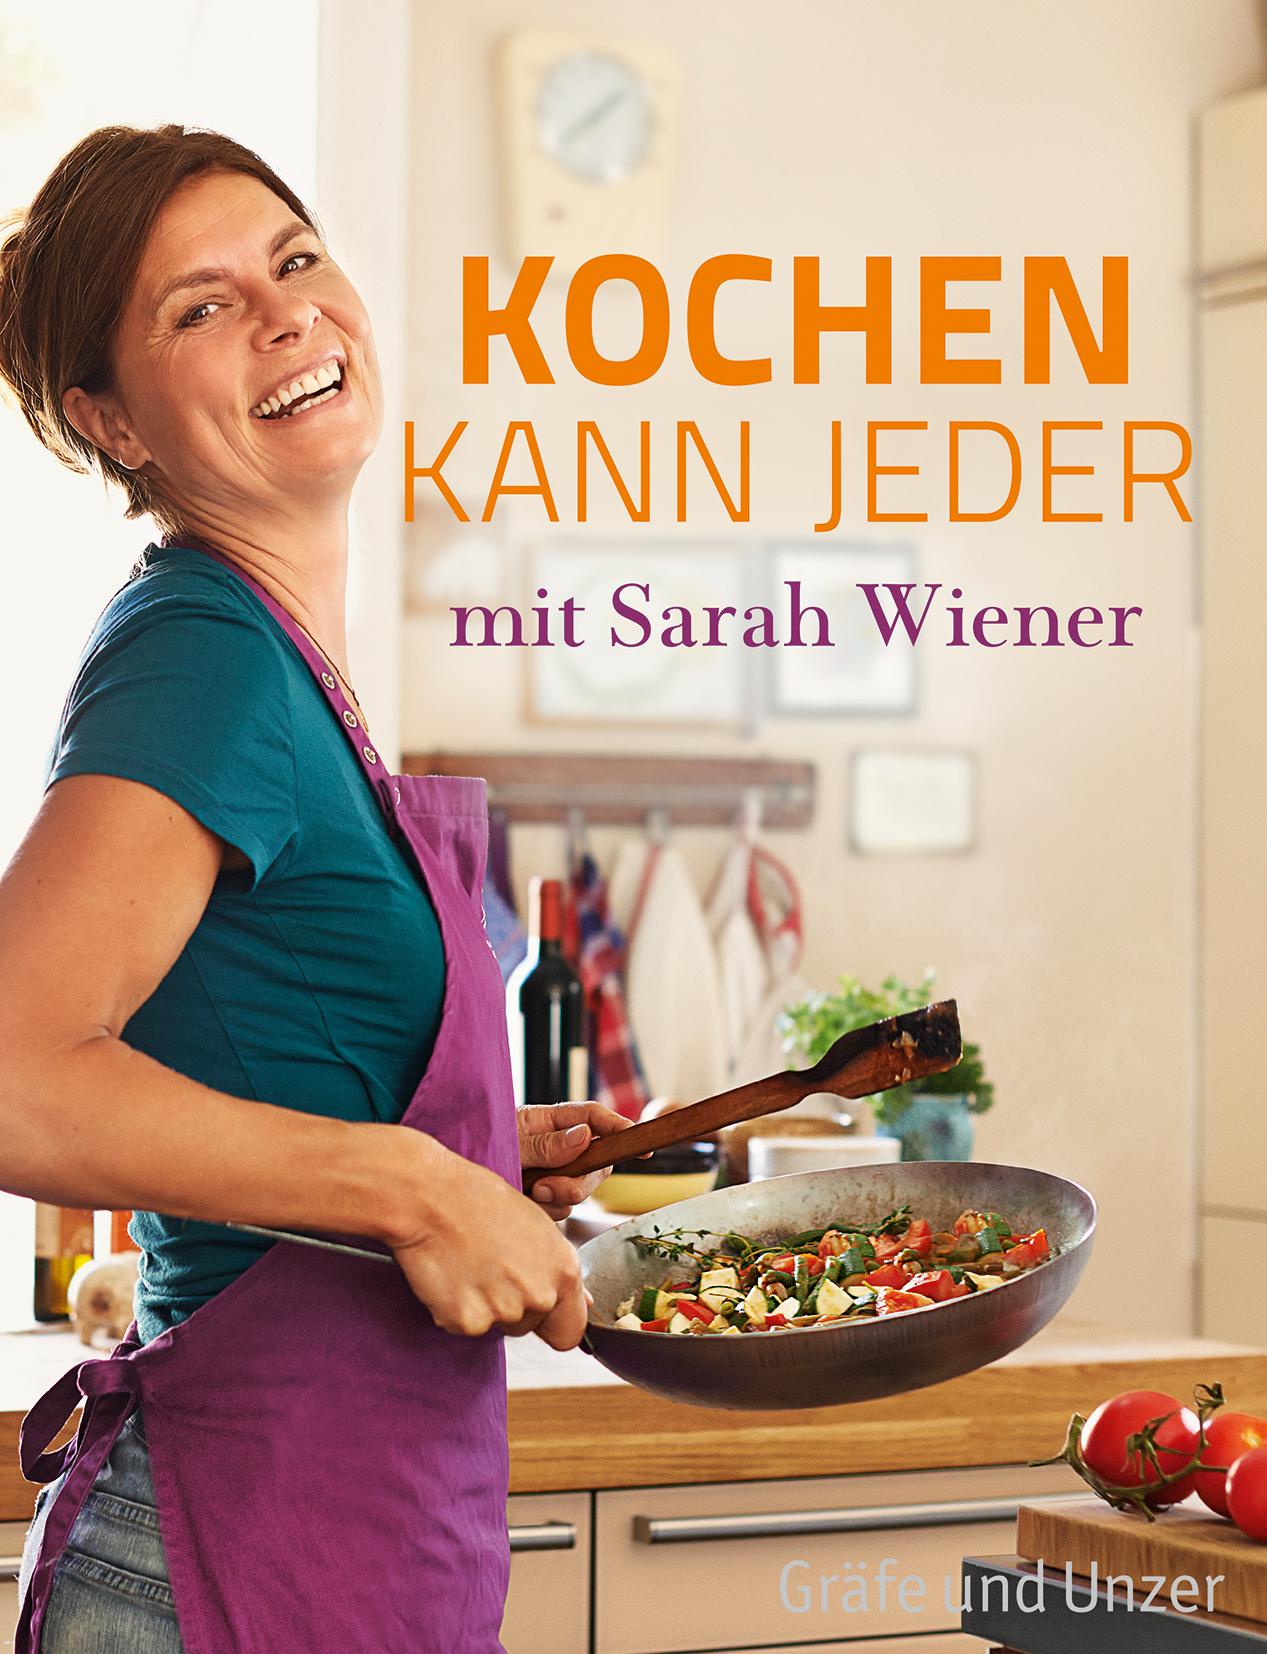 Kochen kann jeder - Sarah Wiener